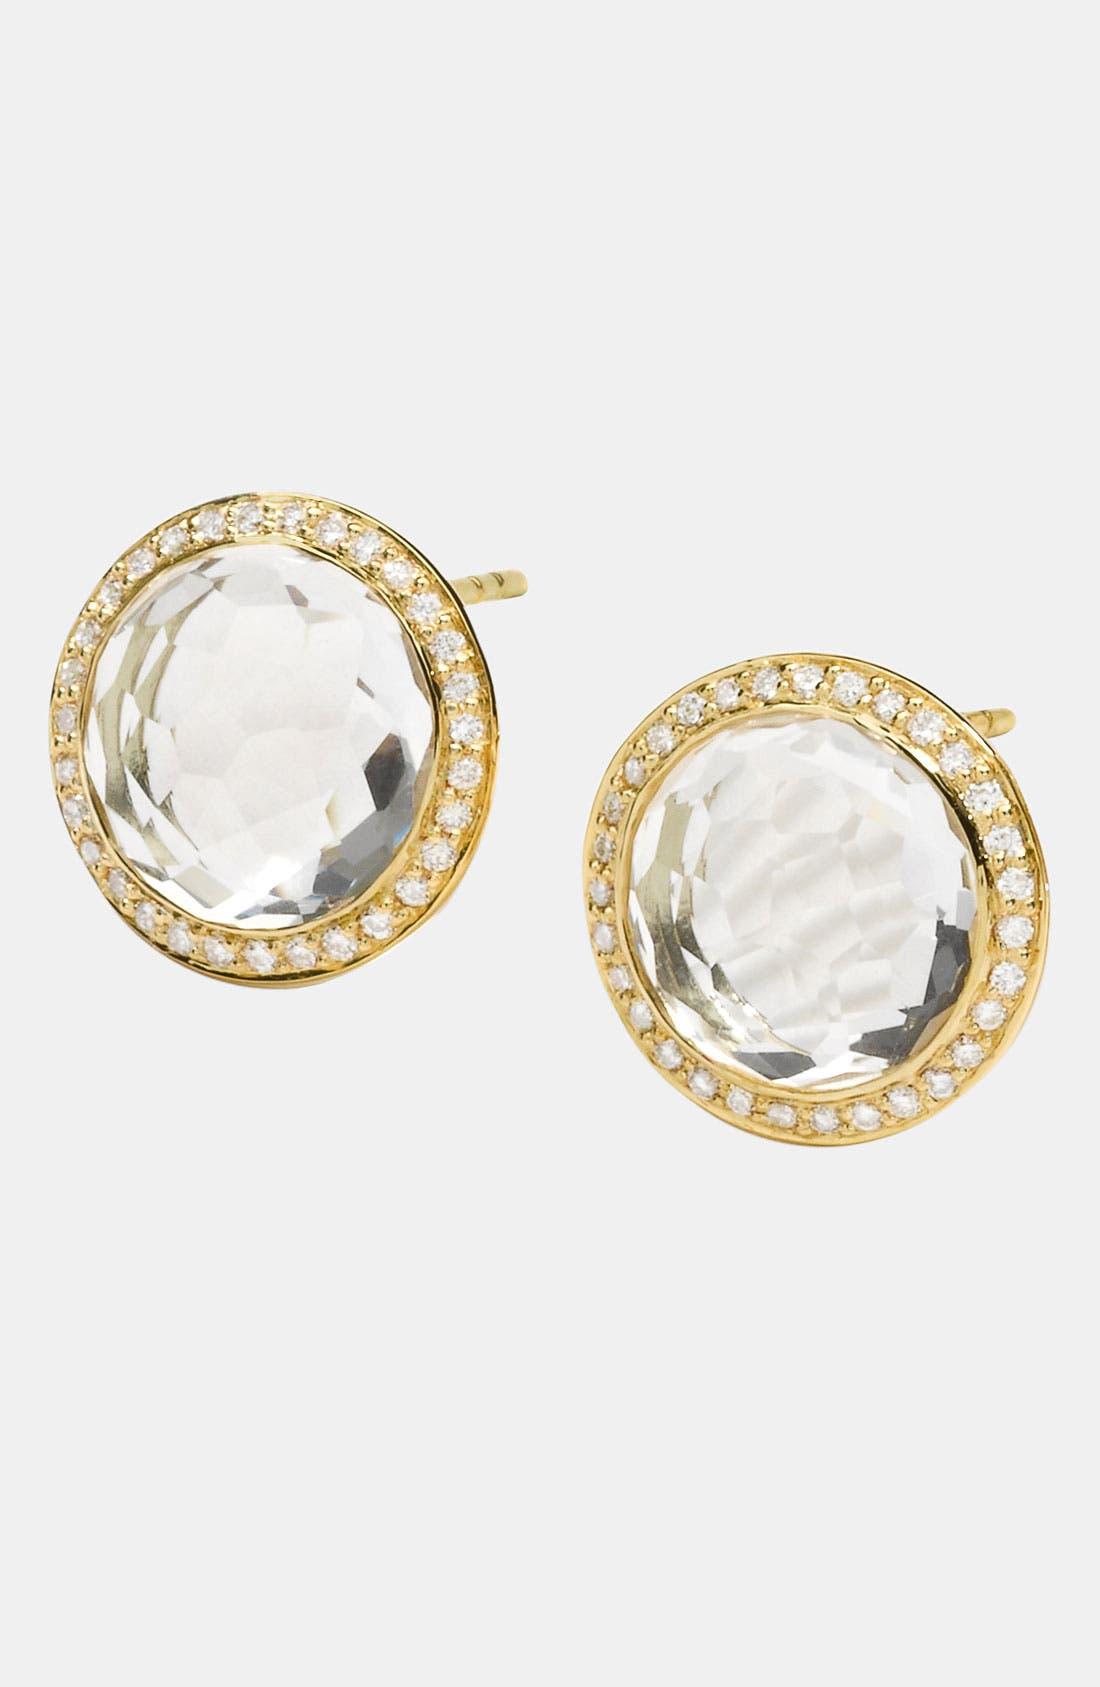 Alternate Image 1 Selected - Ippolita 'Lollipop' Diamond & 18k Gold Earrings